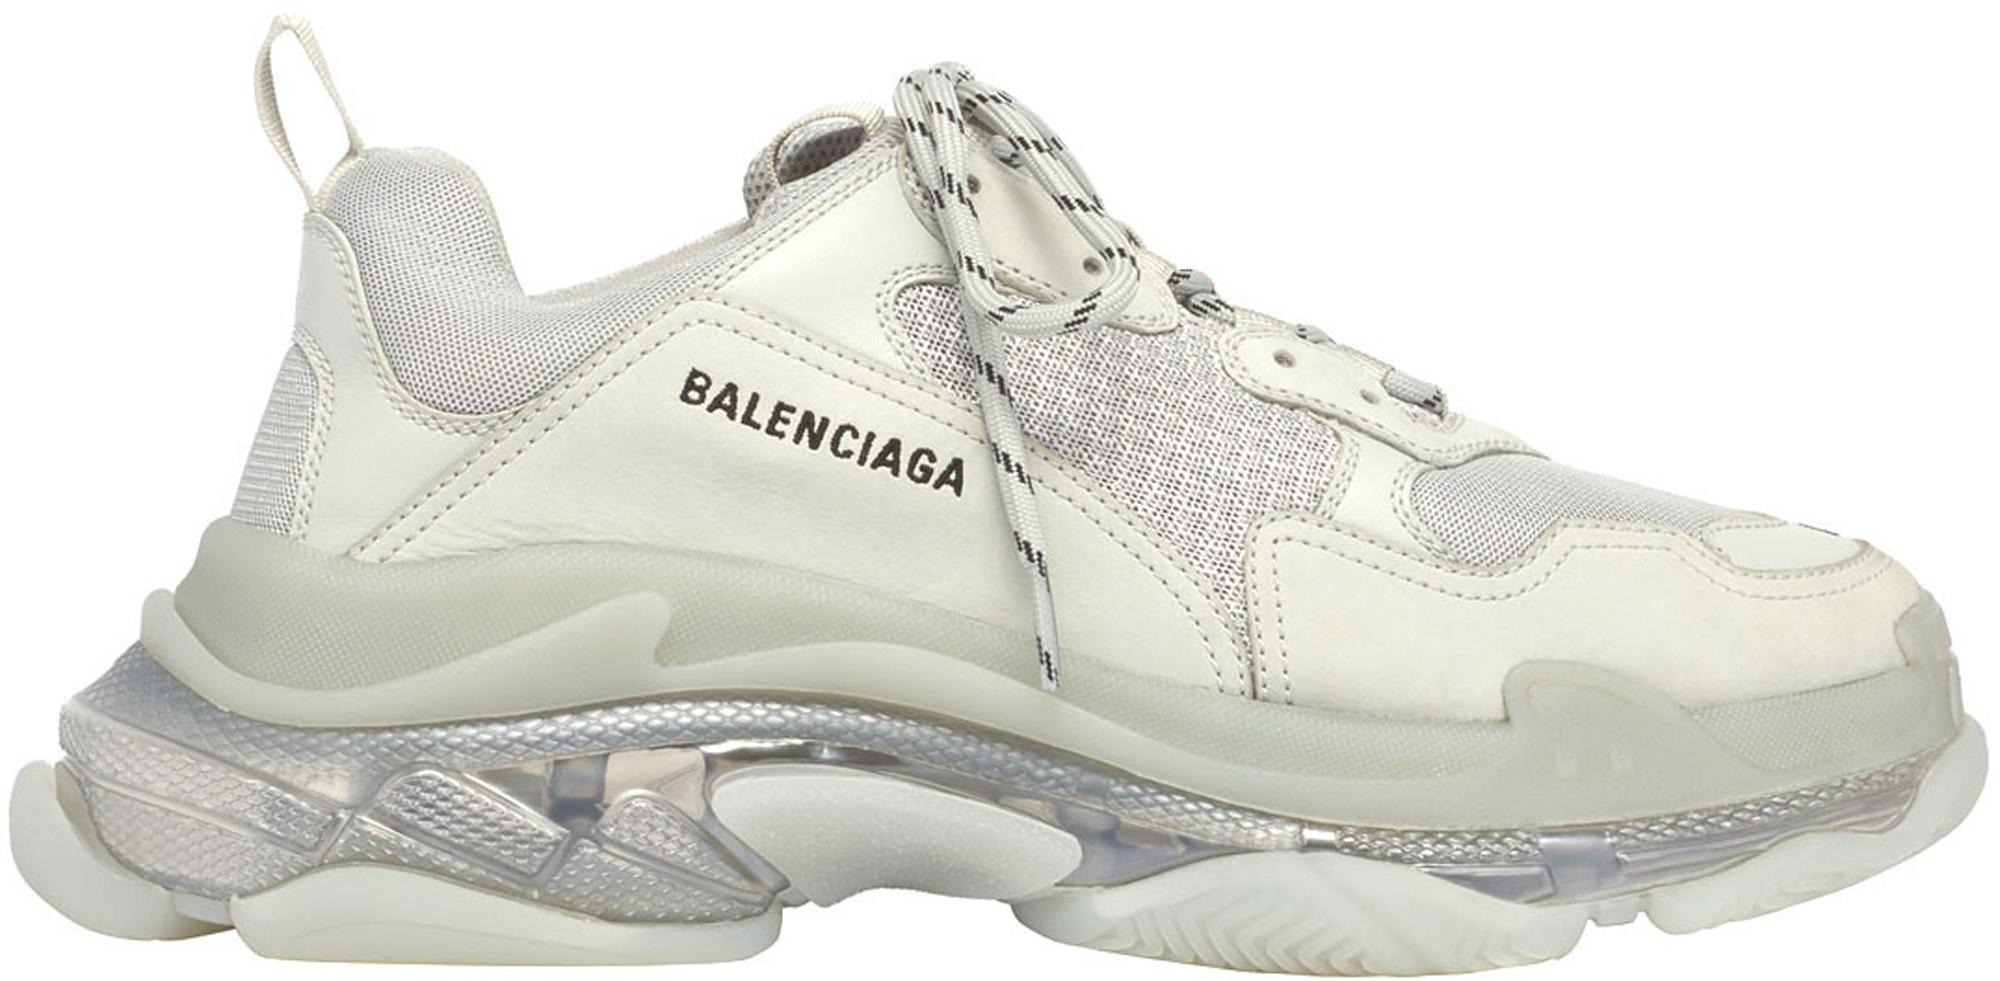 Balenciaga Triple S Sneaker 17FW ins